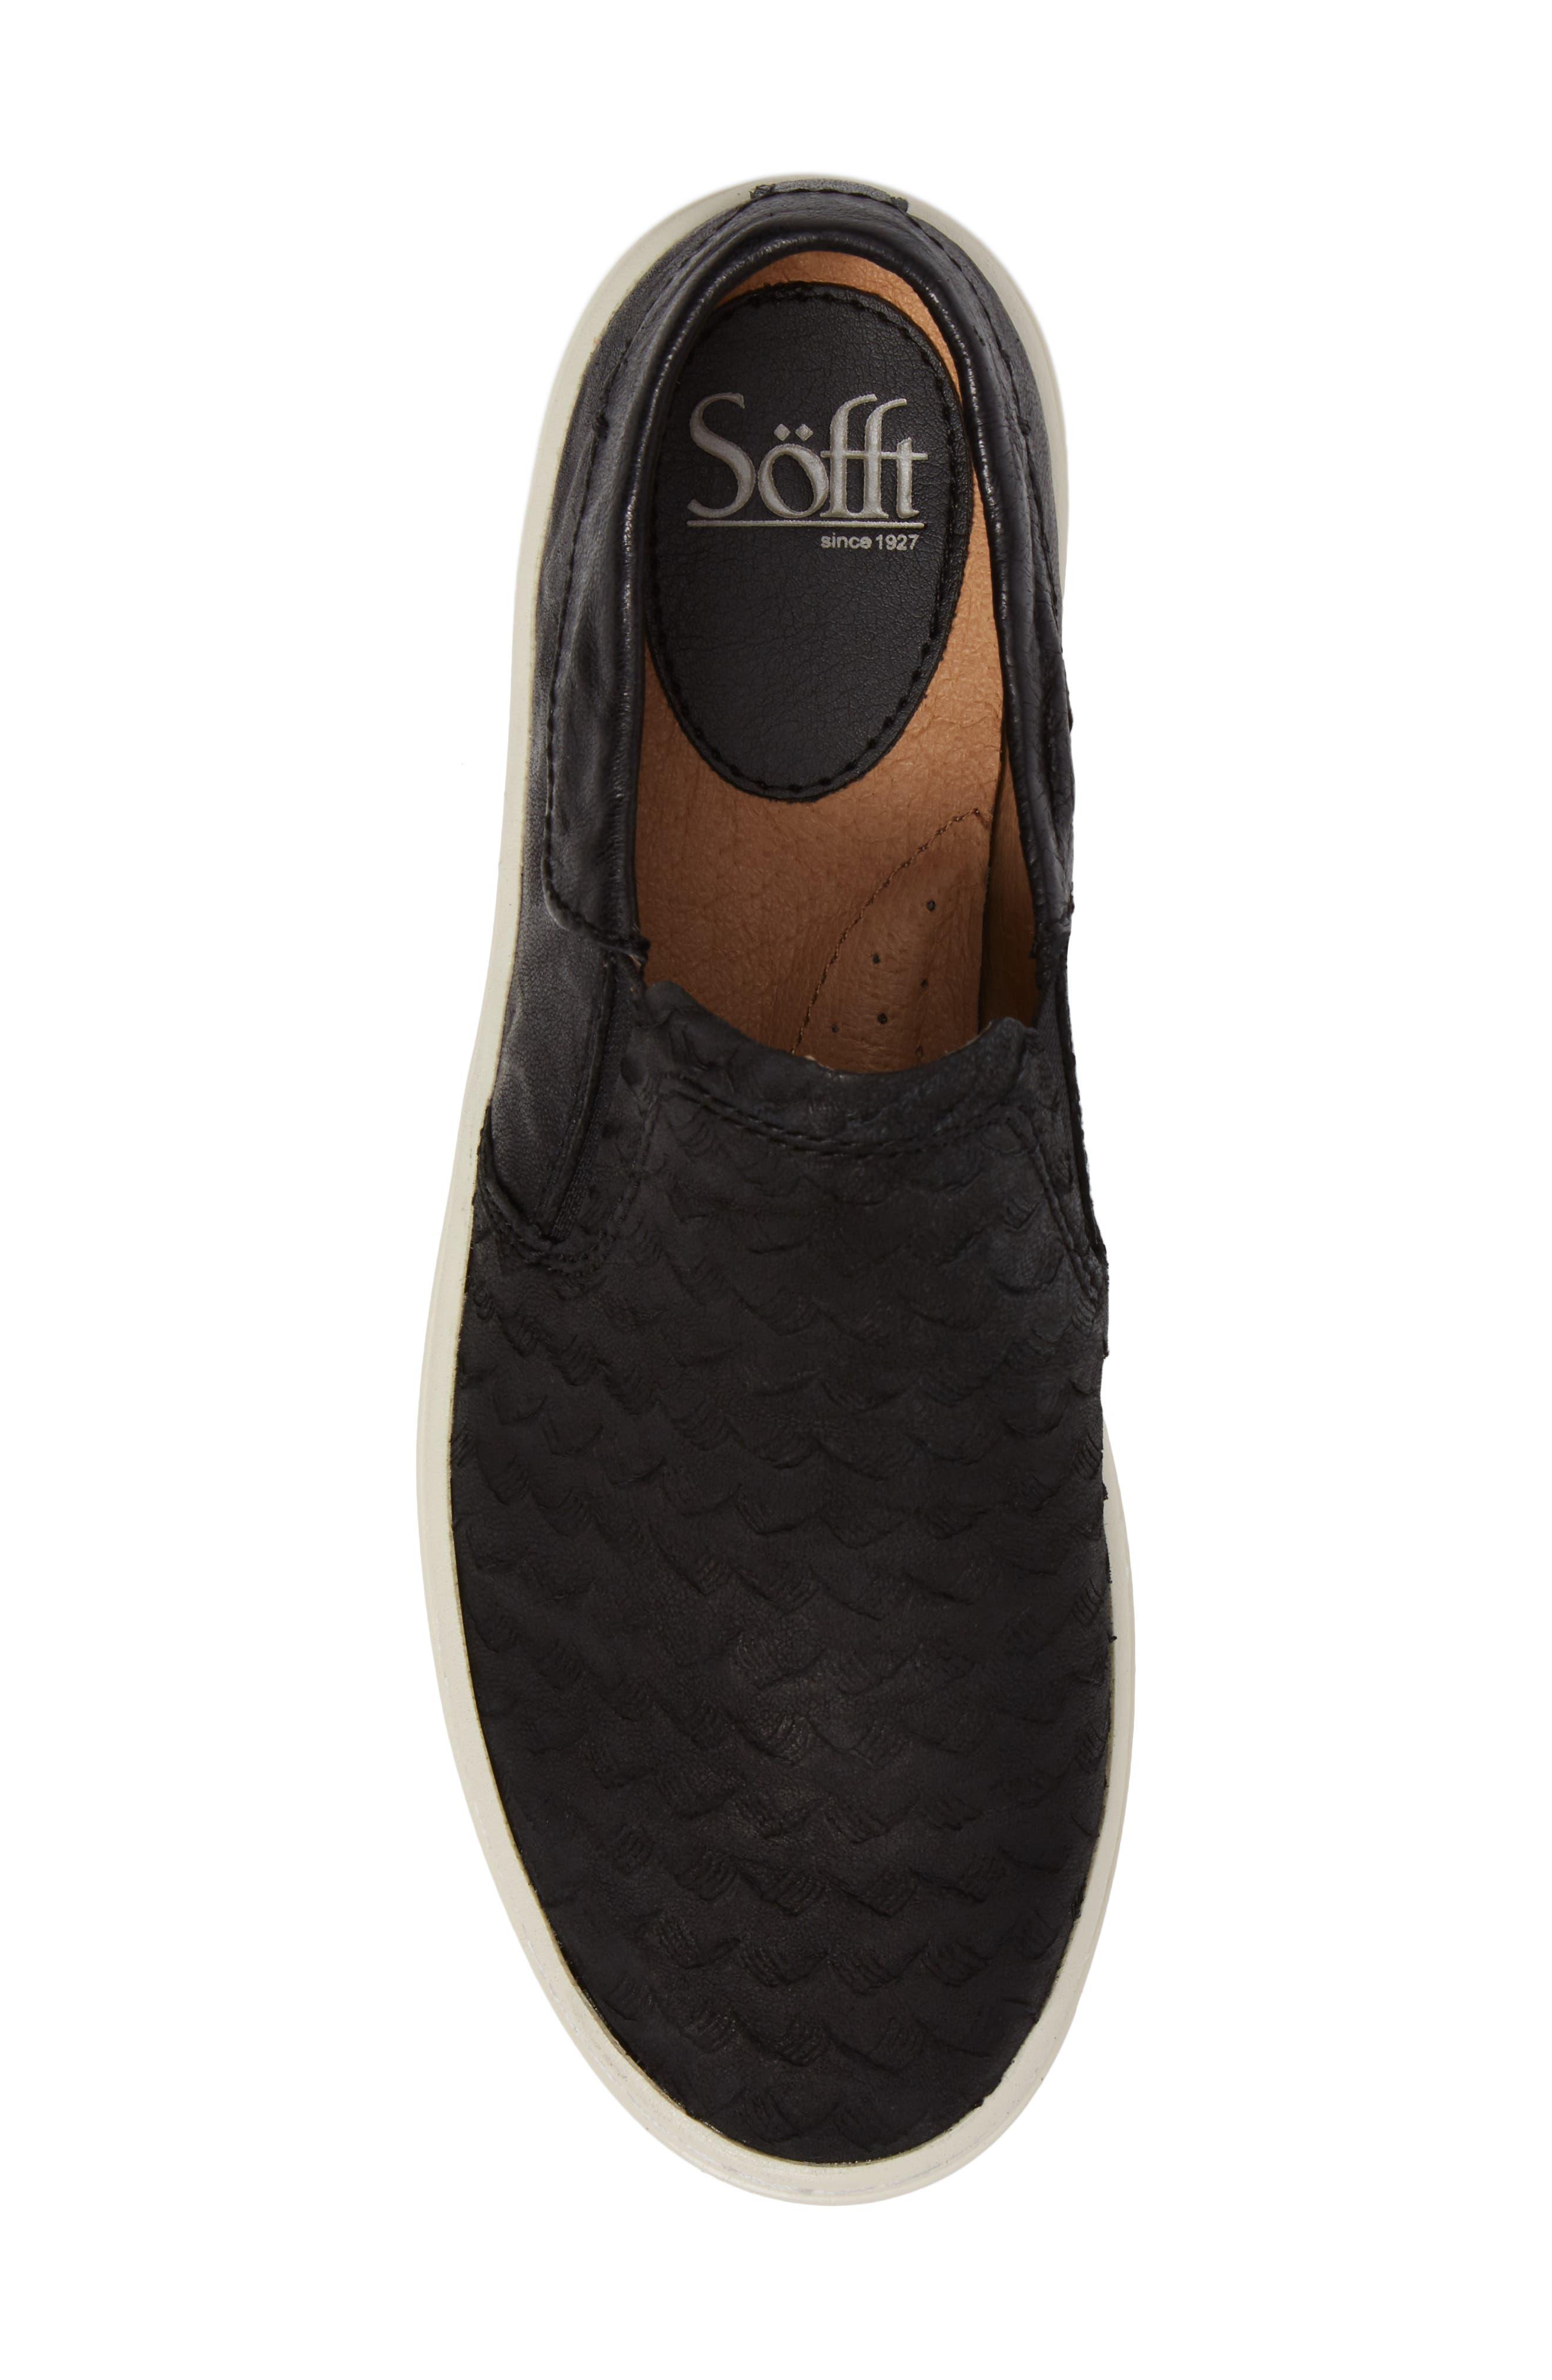 Somers II Slip-on Sneaker,                             Alternate thumbnail 5, color,                             002